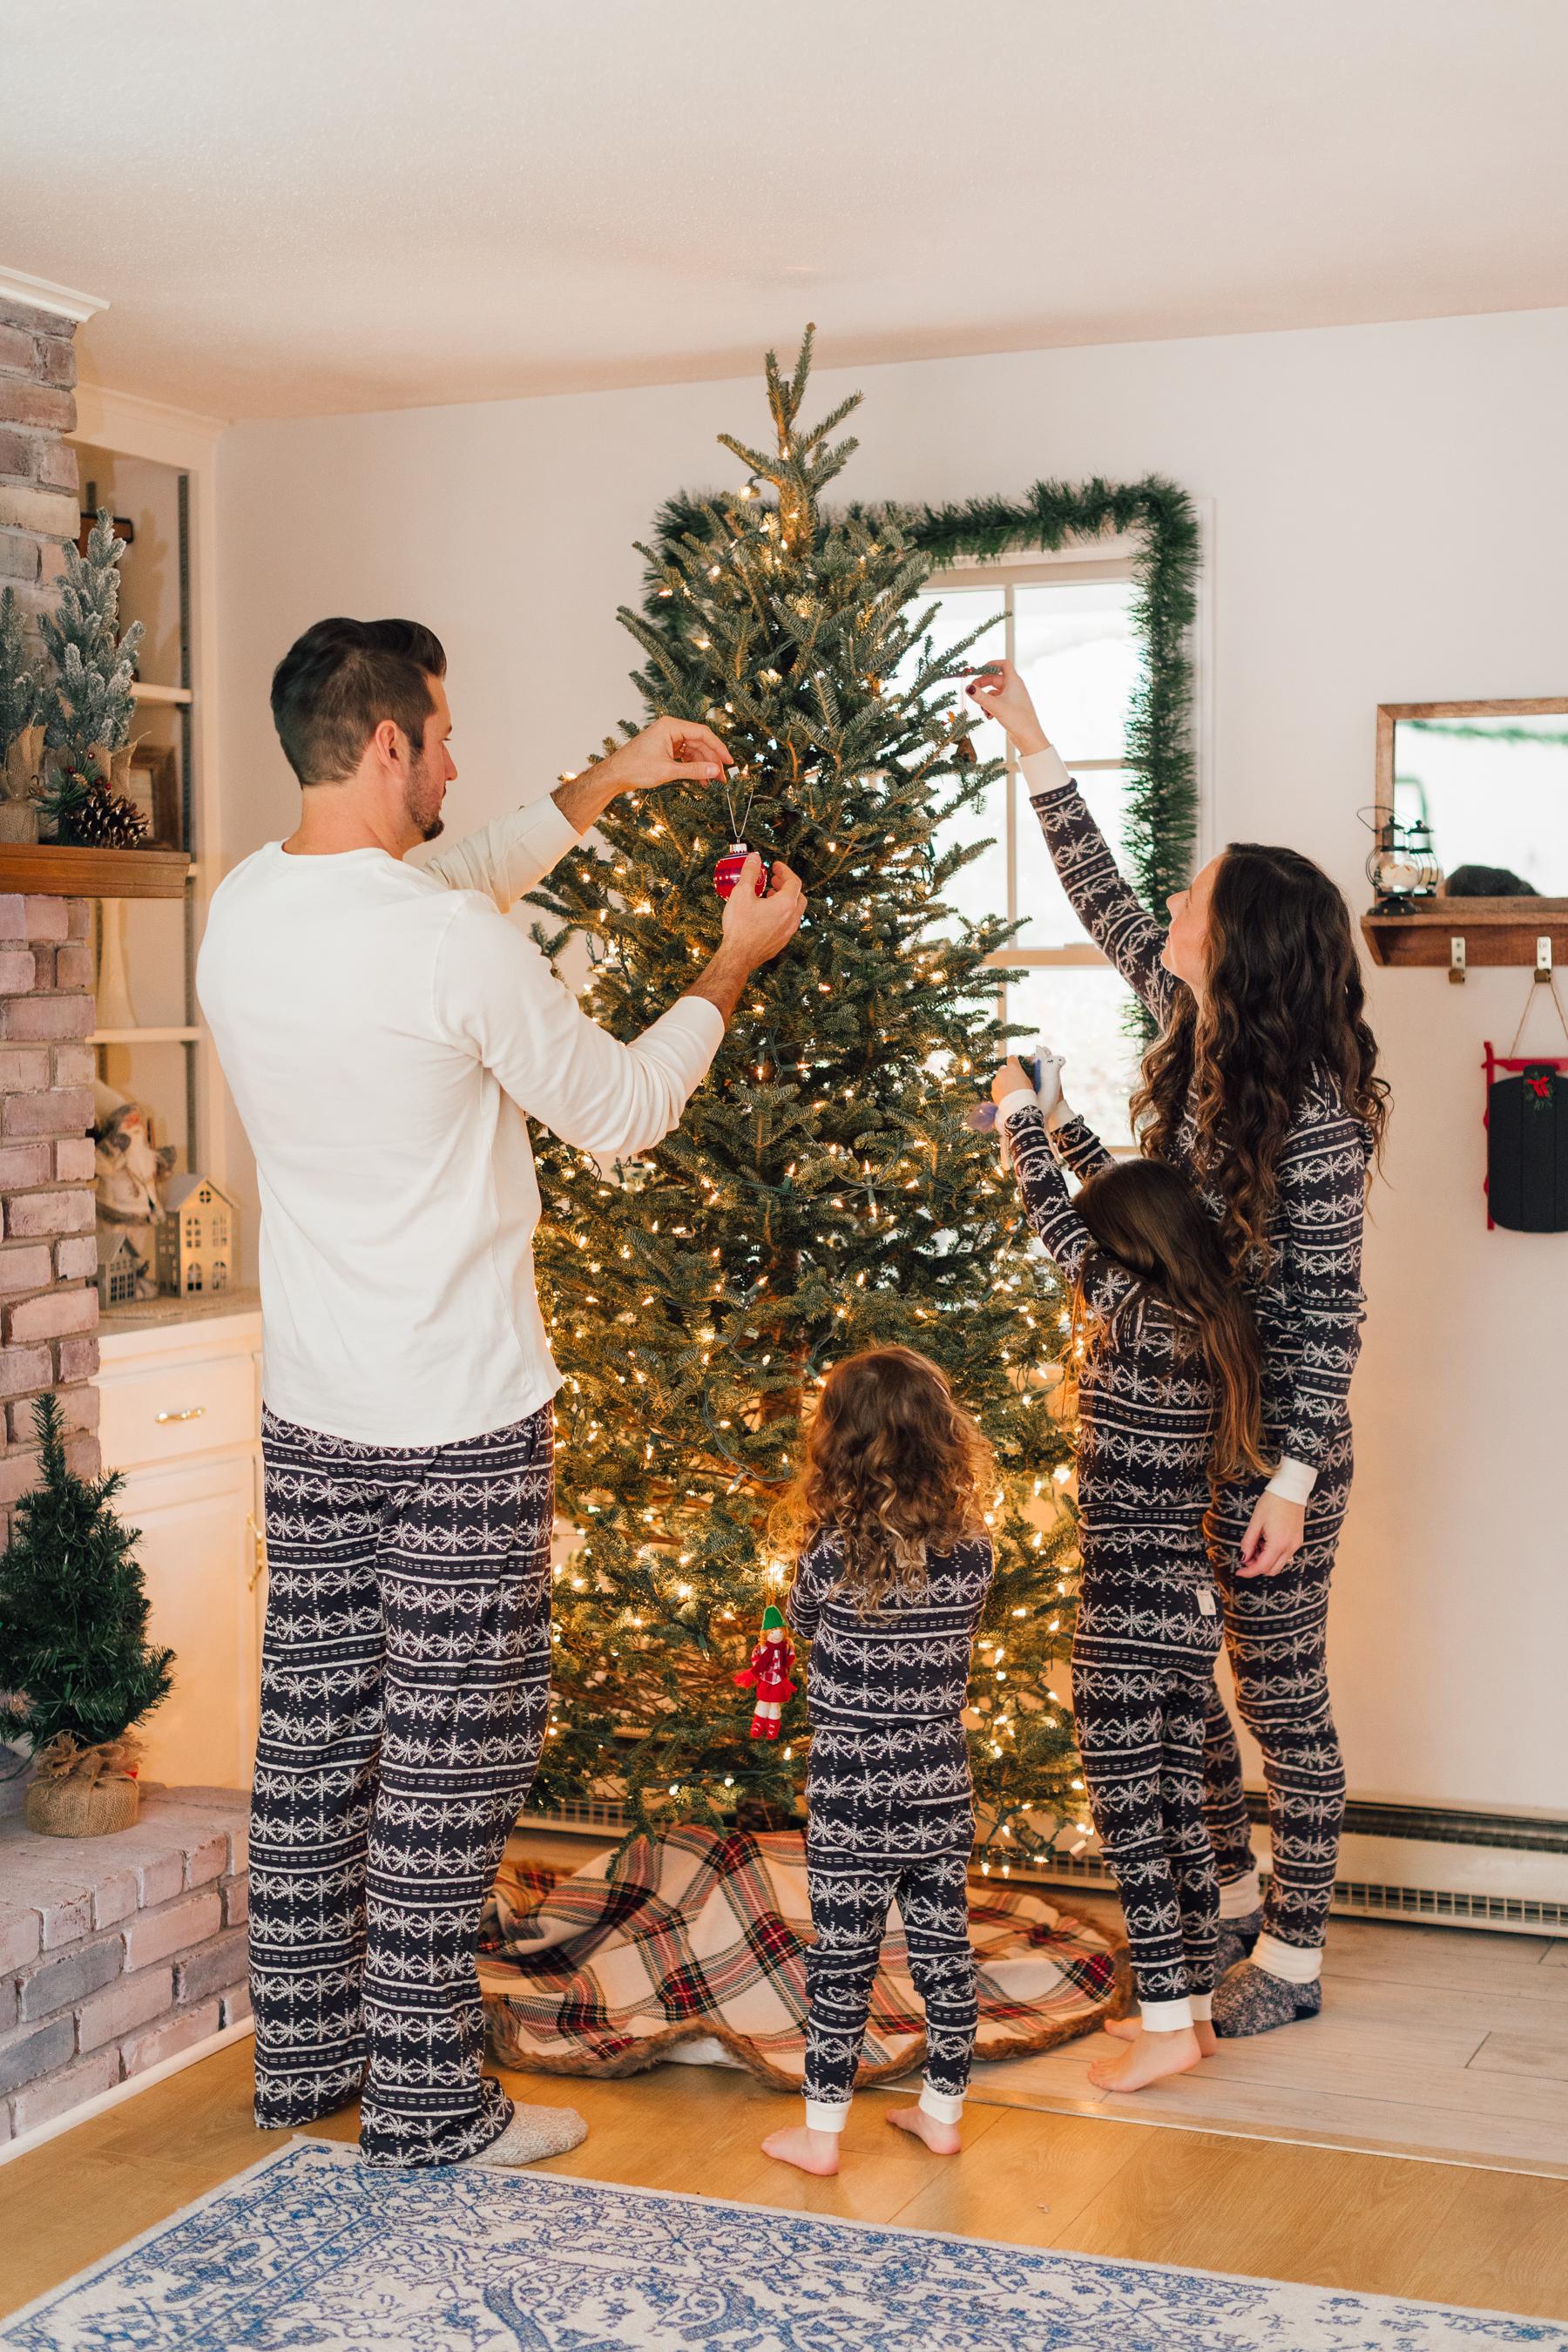 Family decorating Christmas tree in Christmas pajamas